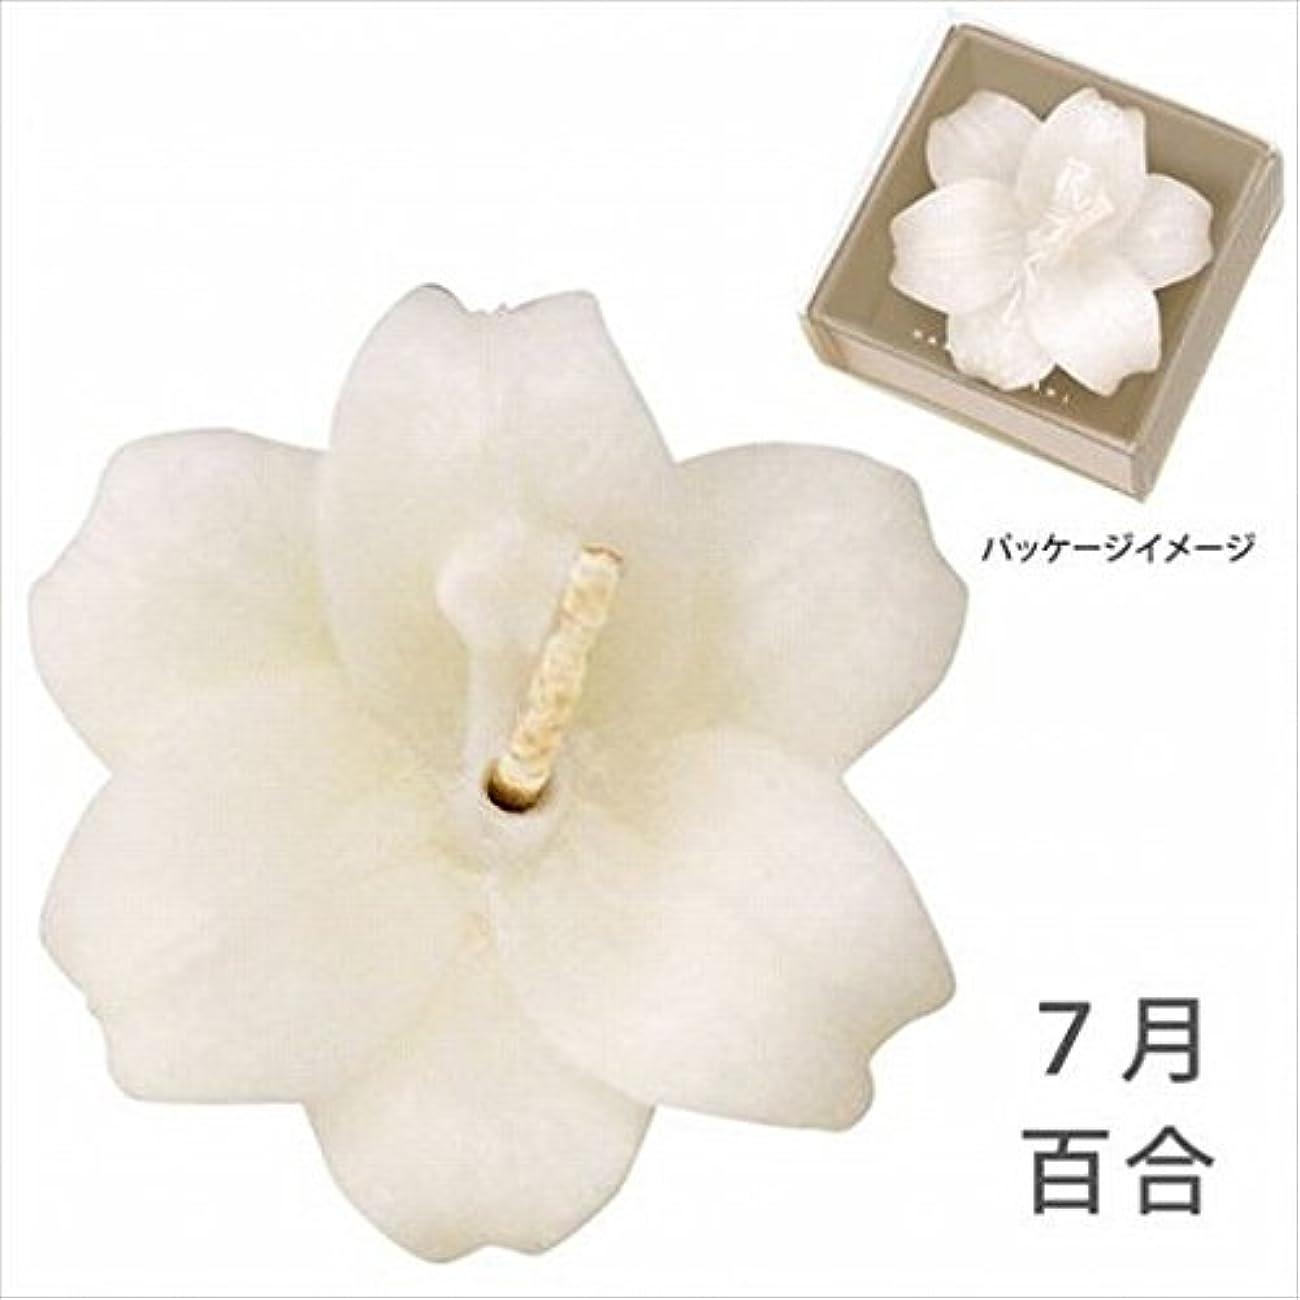 管理登録するスパイkameyama candle(カメヤマキャンドル) 花づくし(植物性) 百合 「 百合(7月) 」 キャンドル(A4620580)